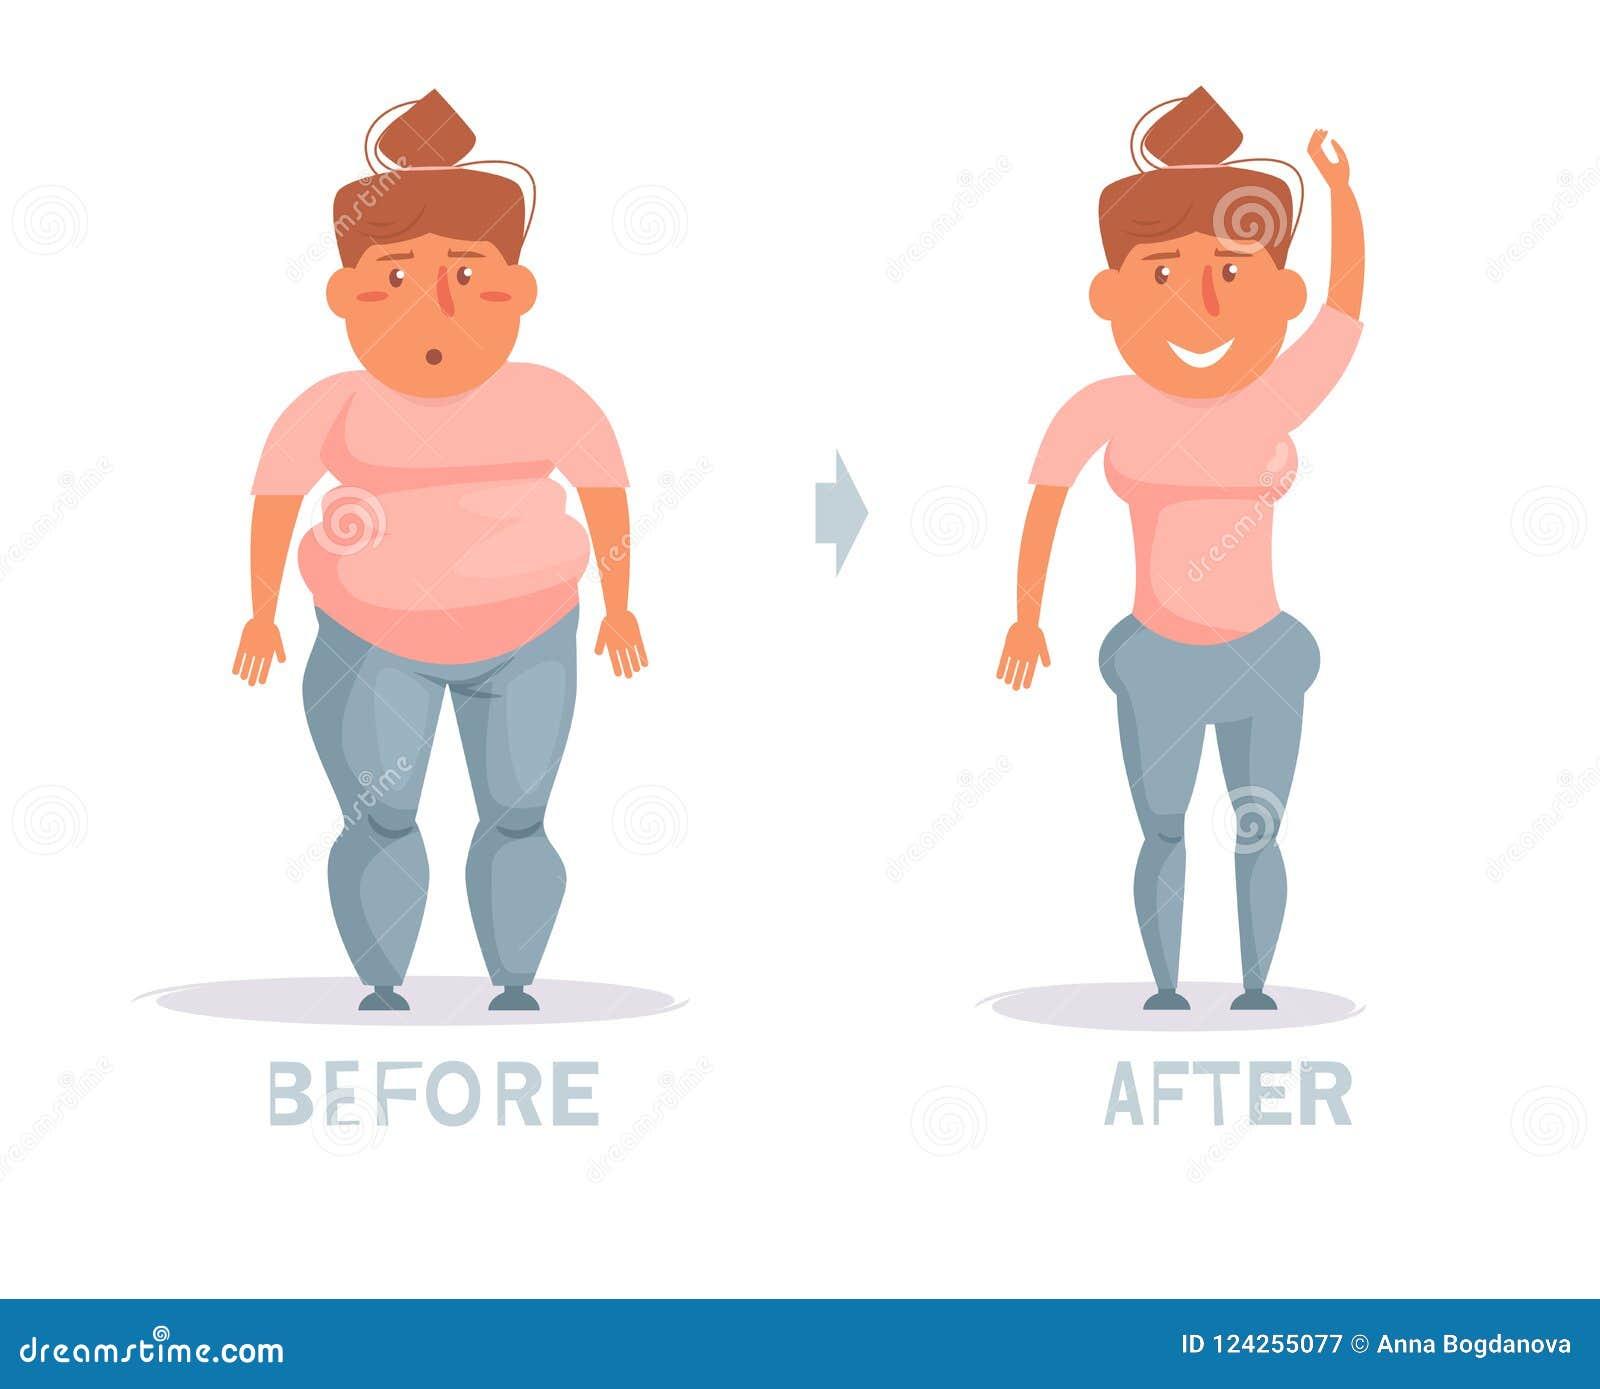 Isolerad kvinna för white för vikt för förlustmåtttorso För och after Fetmavektor cartoon Isolerad konst